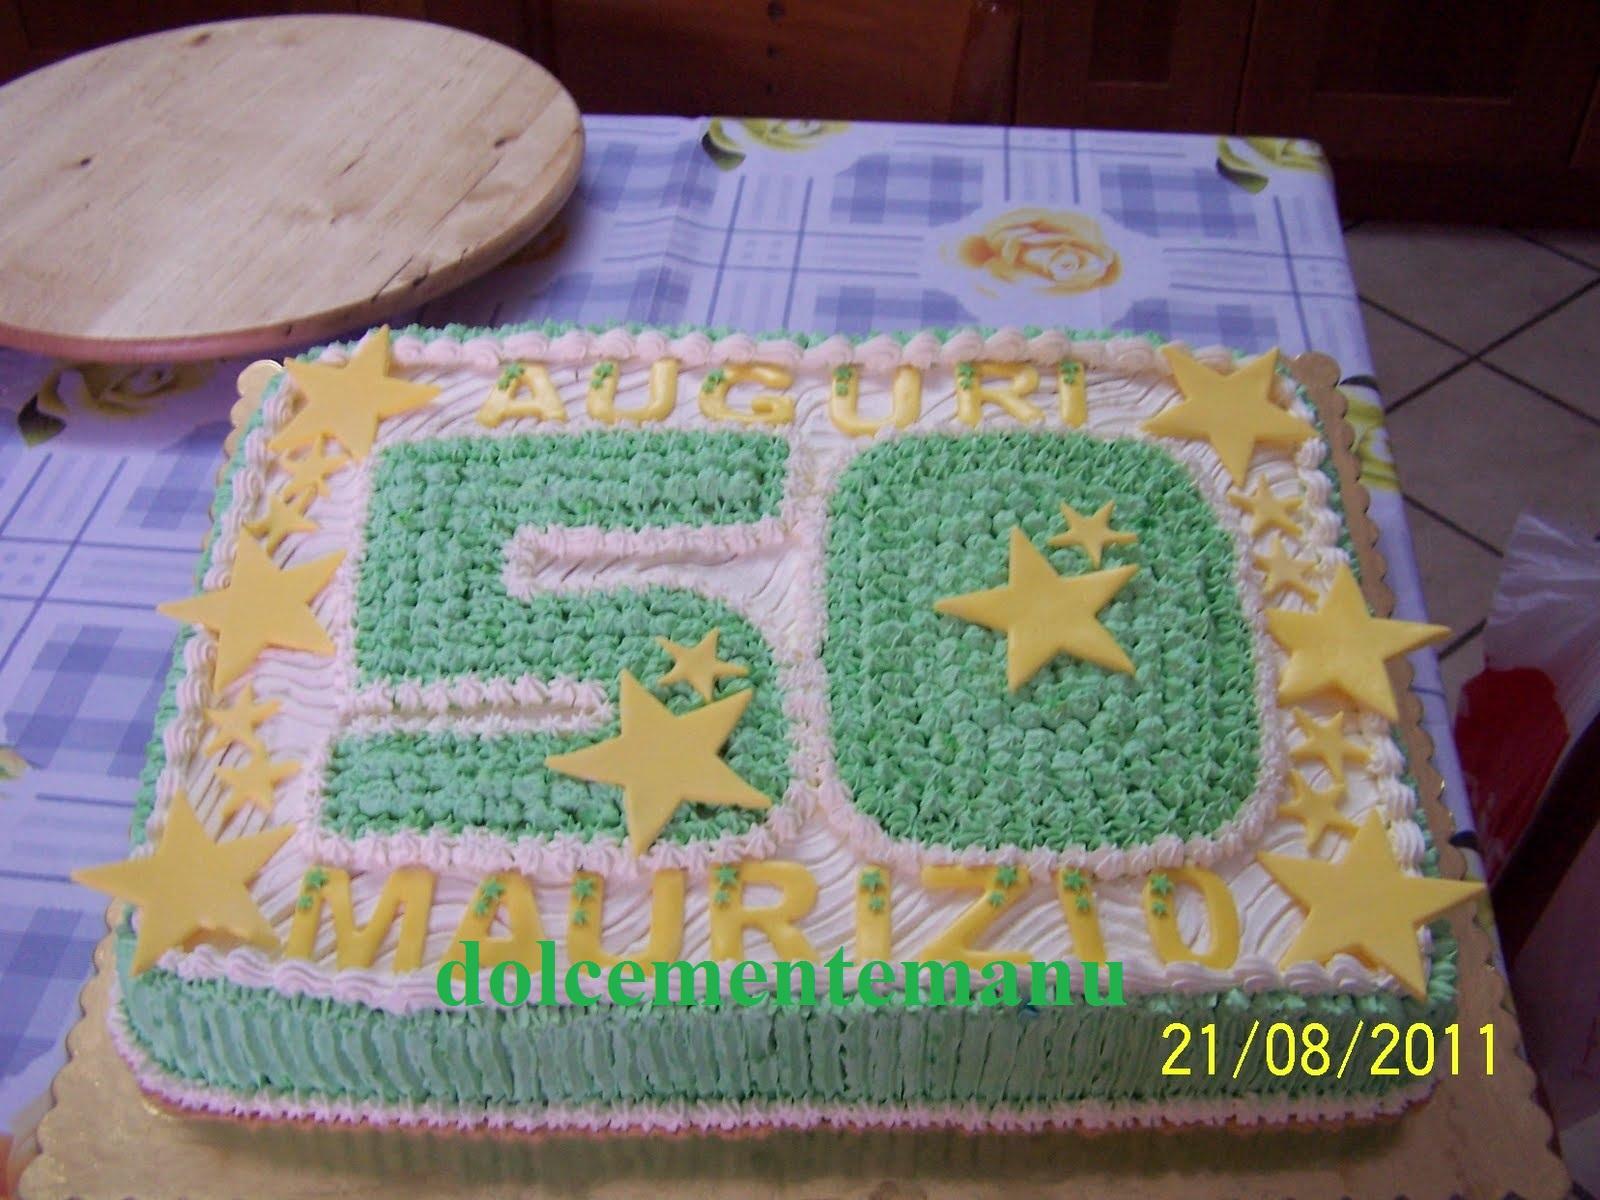 Dolcementemanu torta x 50 anni for Decorazioni per torta 60 anni